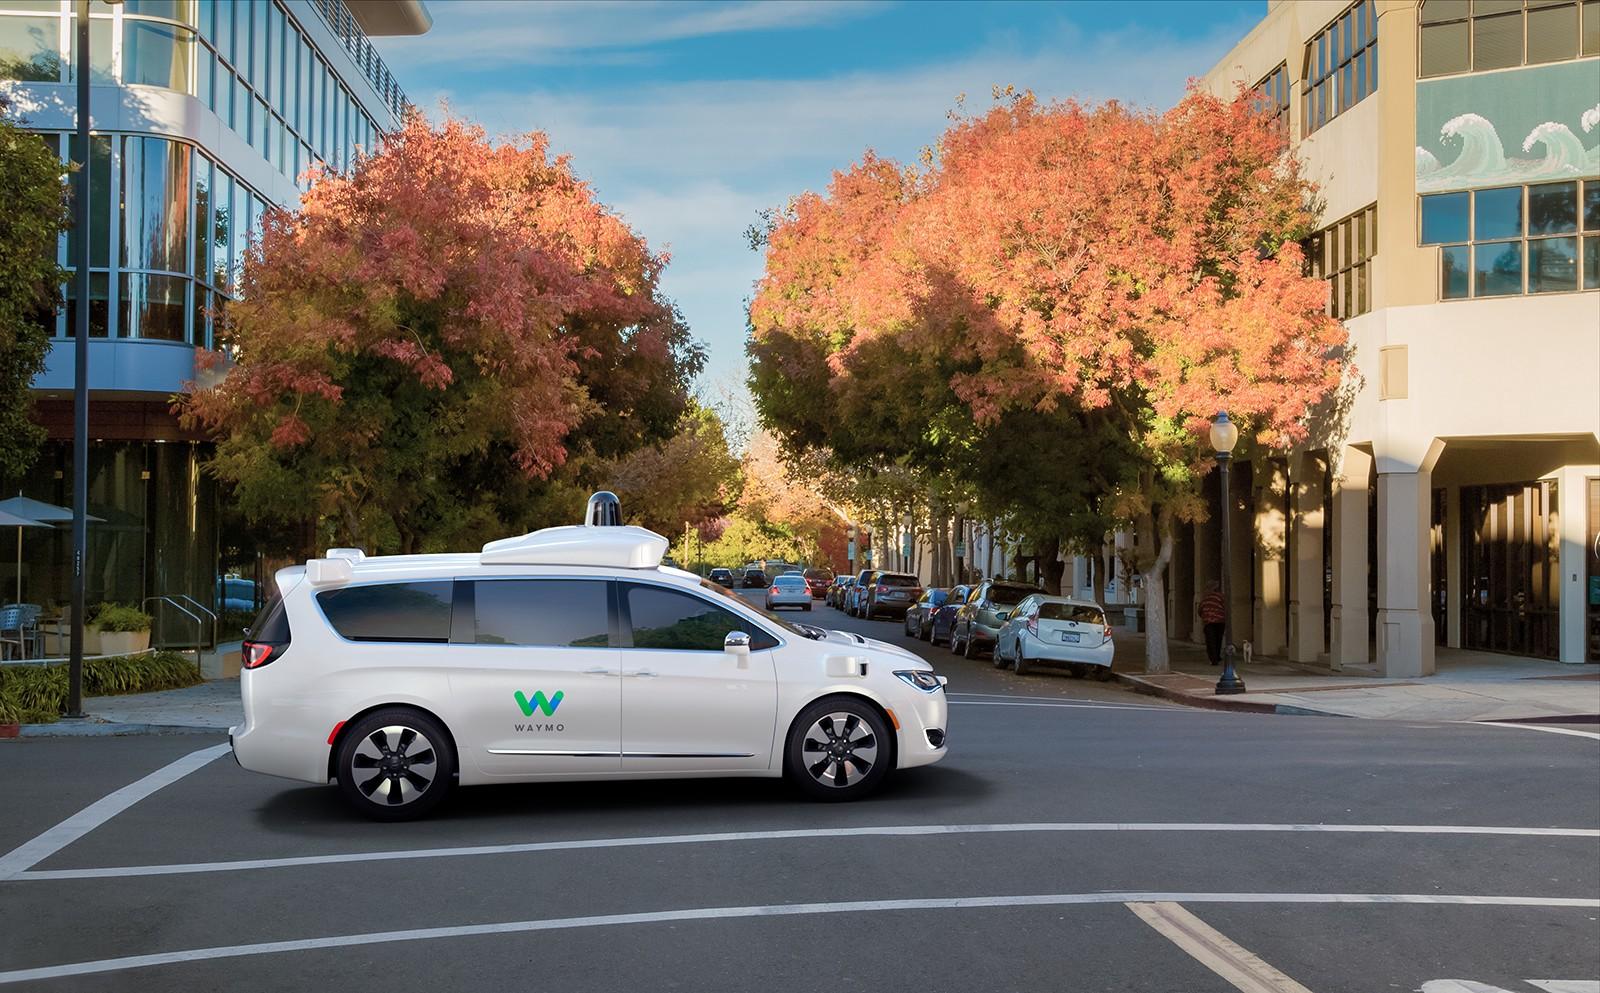 Vehículos autónomos Google Waymo